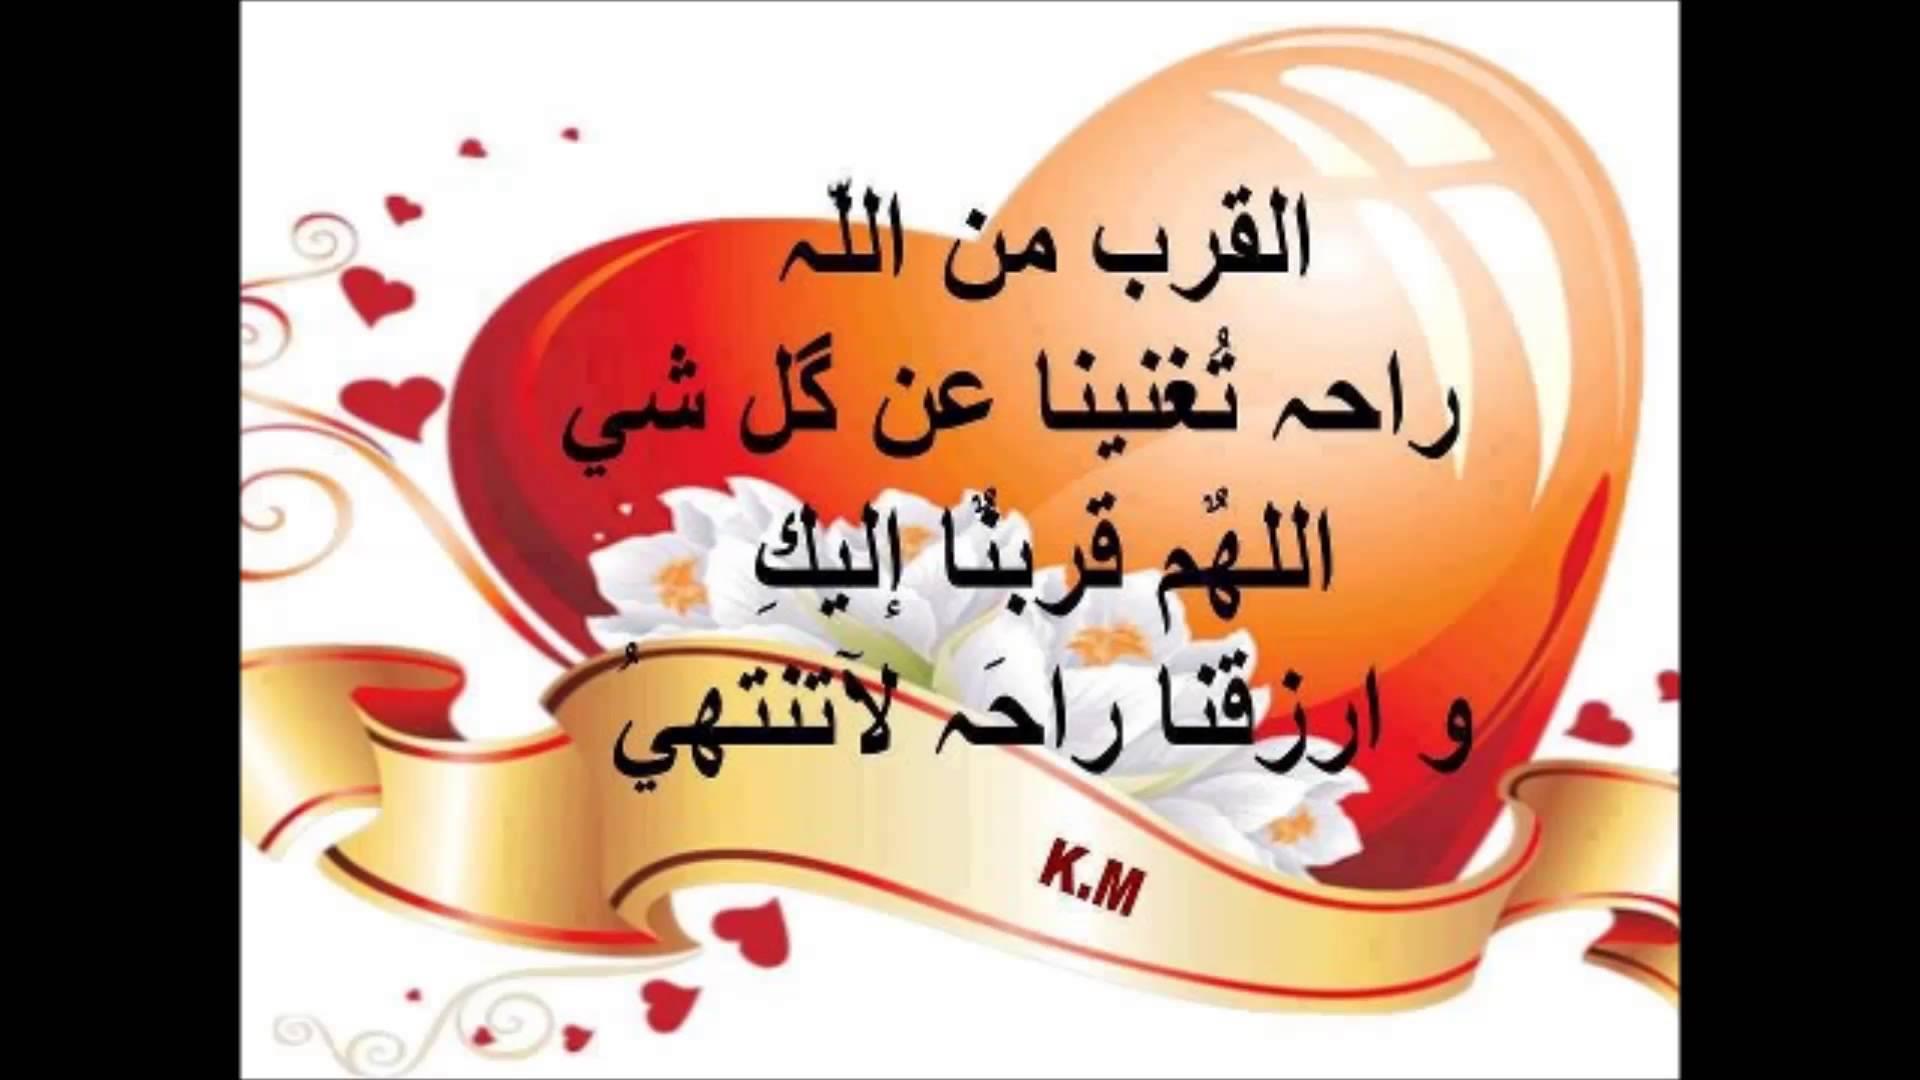 صوره مسجات حب في الله